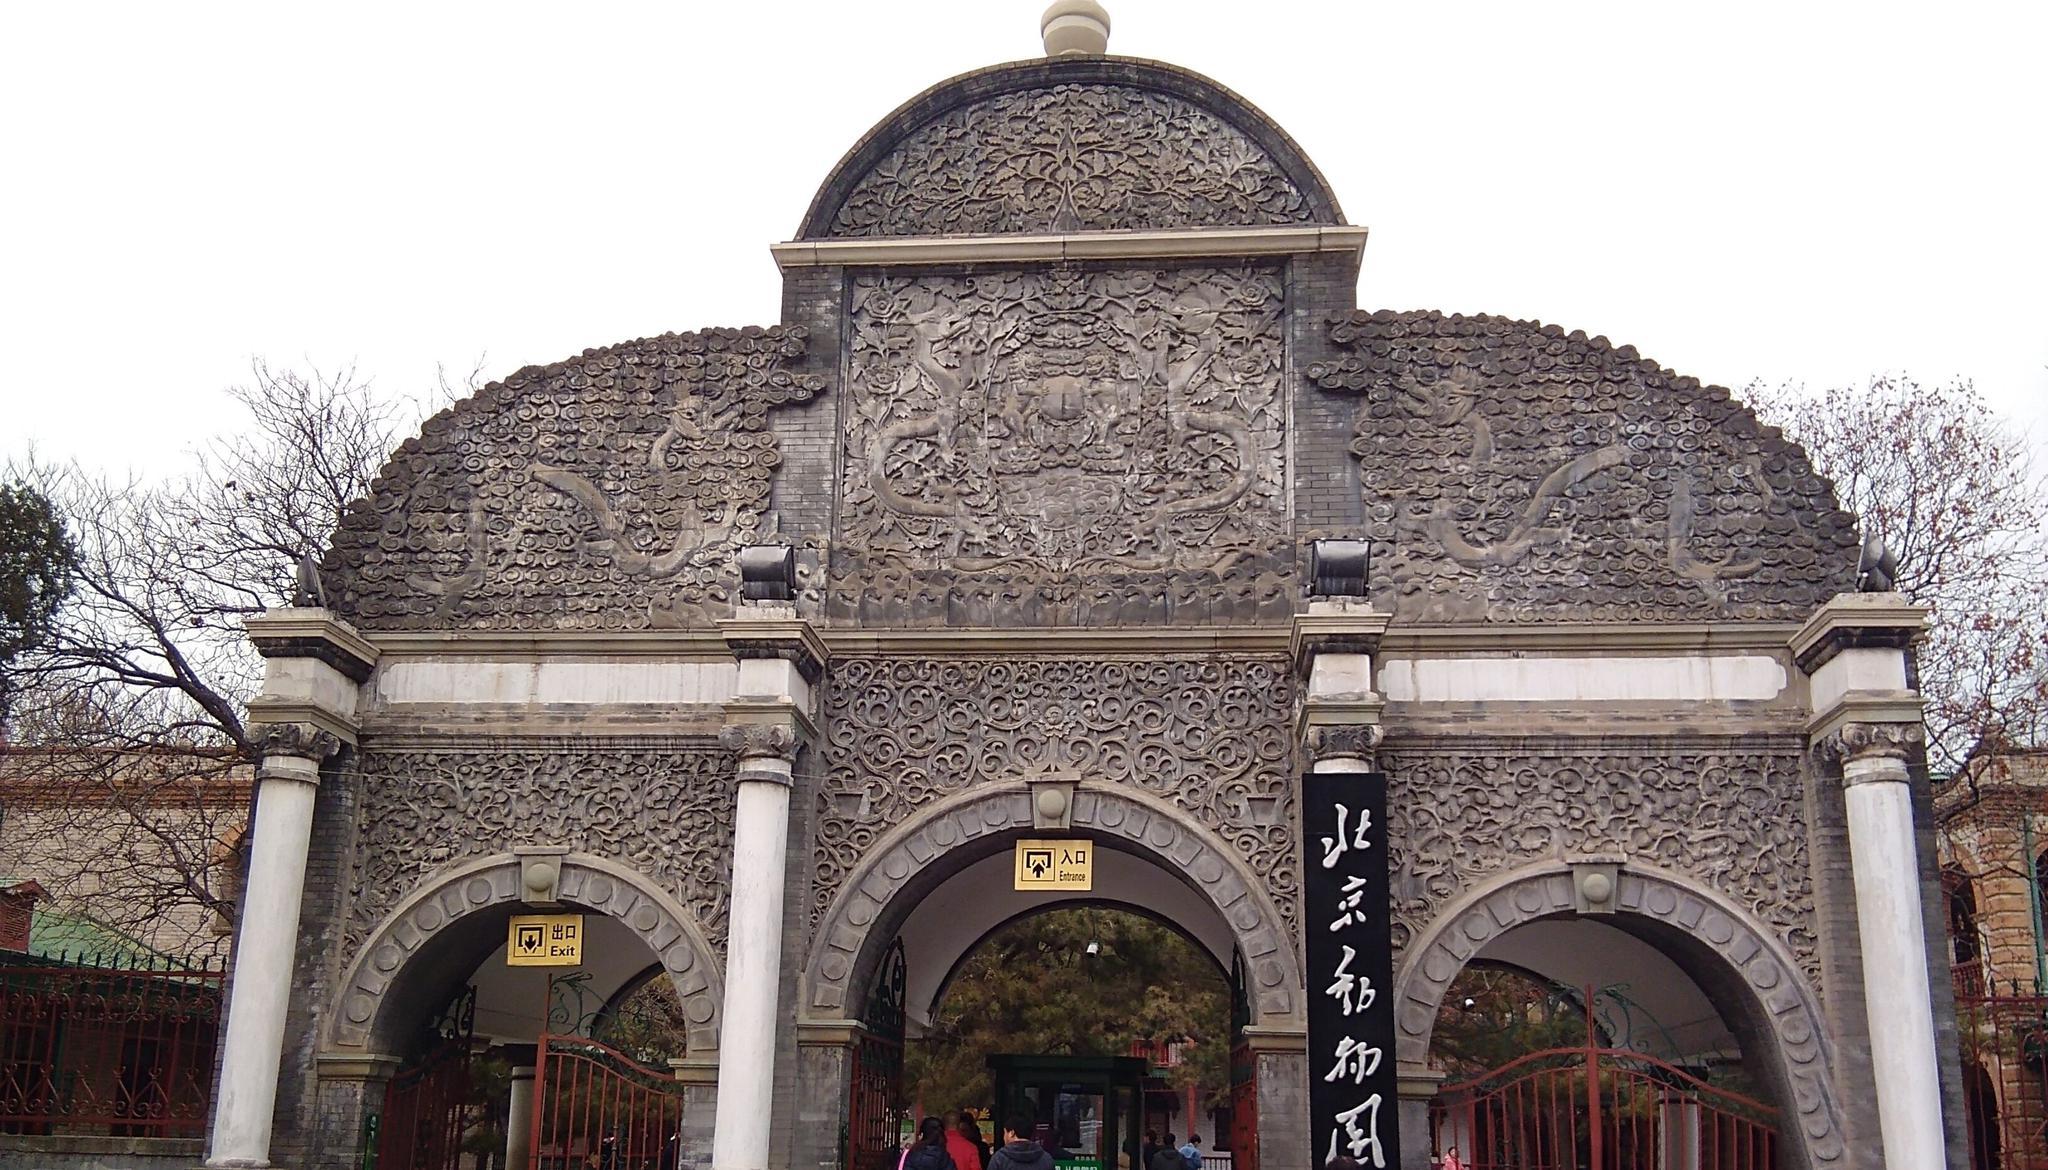 来看一下冬天的北京动物园是什么样子的